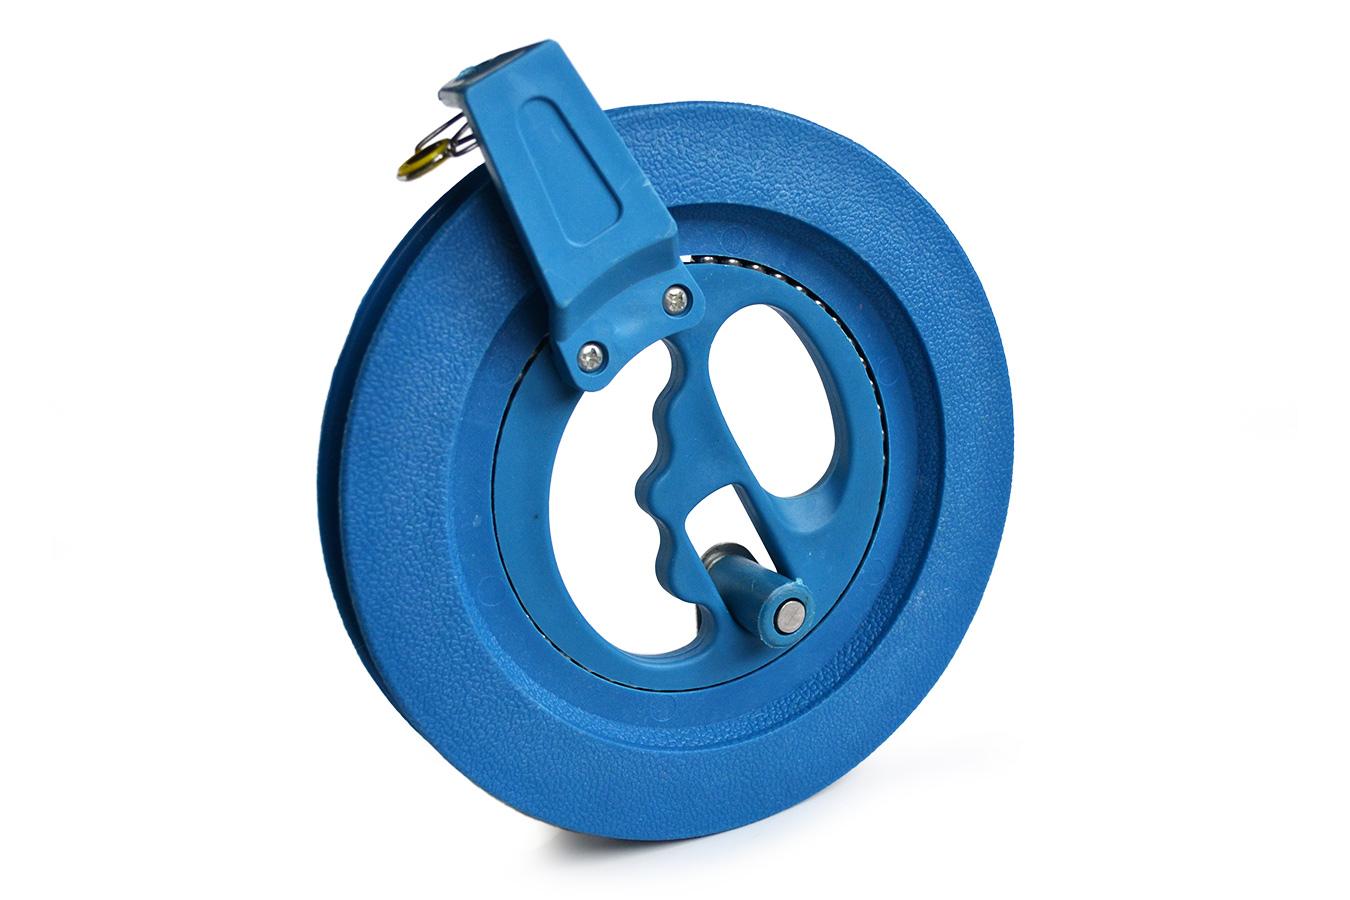 Катушка 16см малая синего цвета для воздушного змея [KR16B]